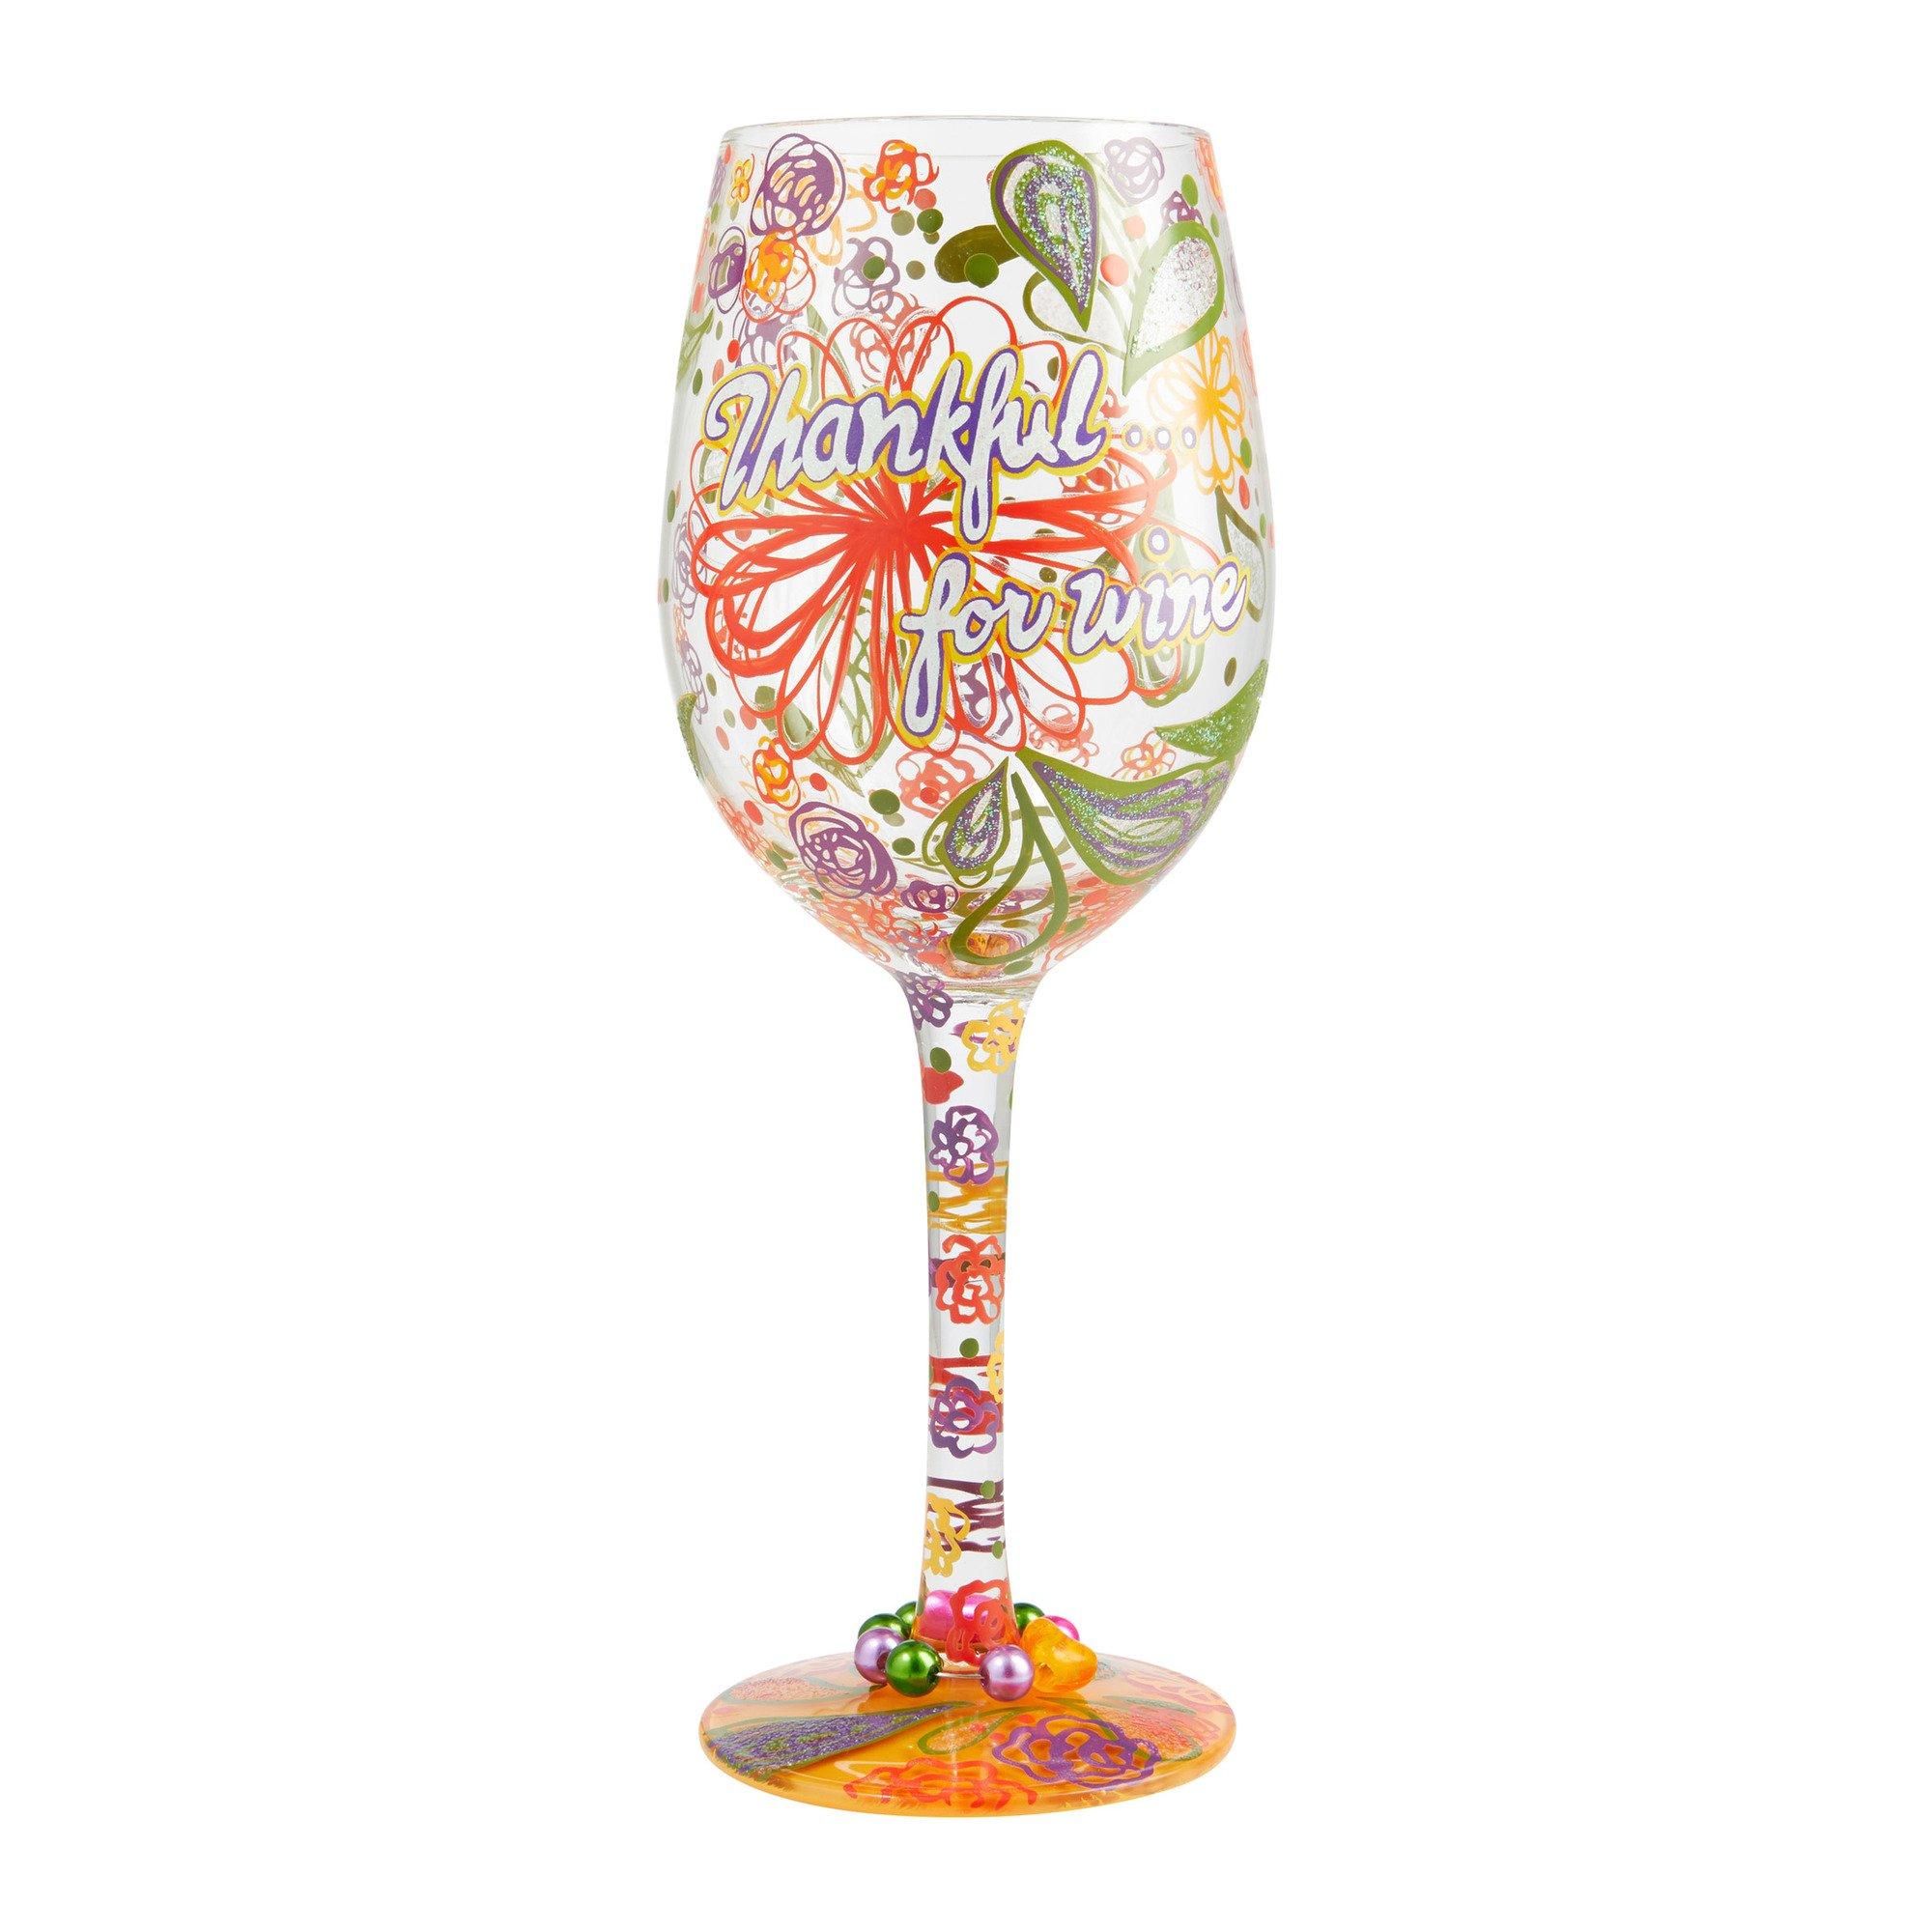 Lolita Wine Glasses.com.